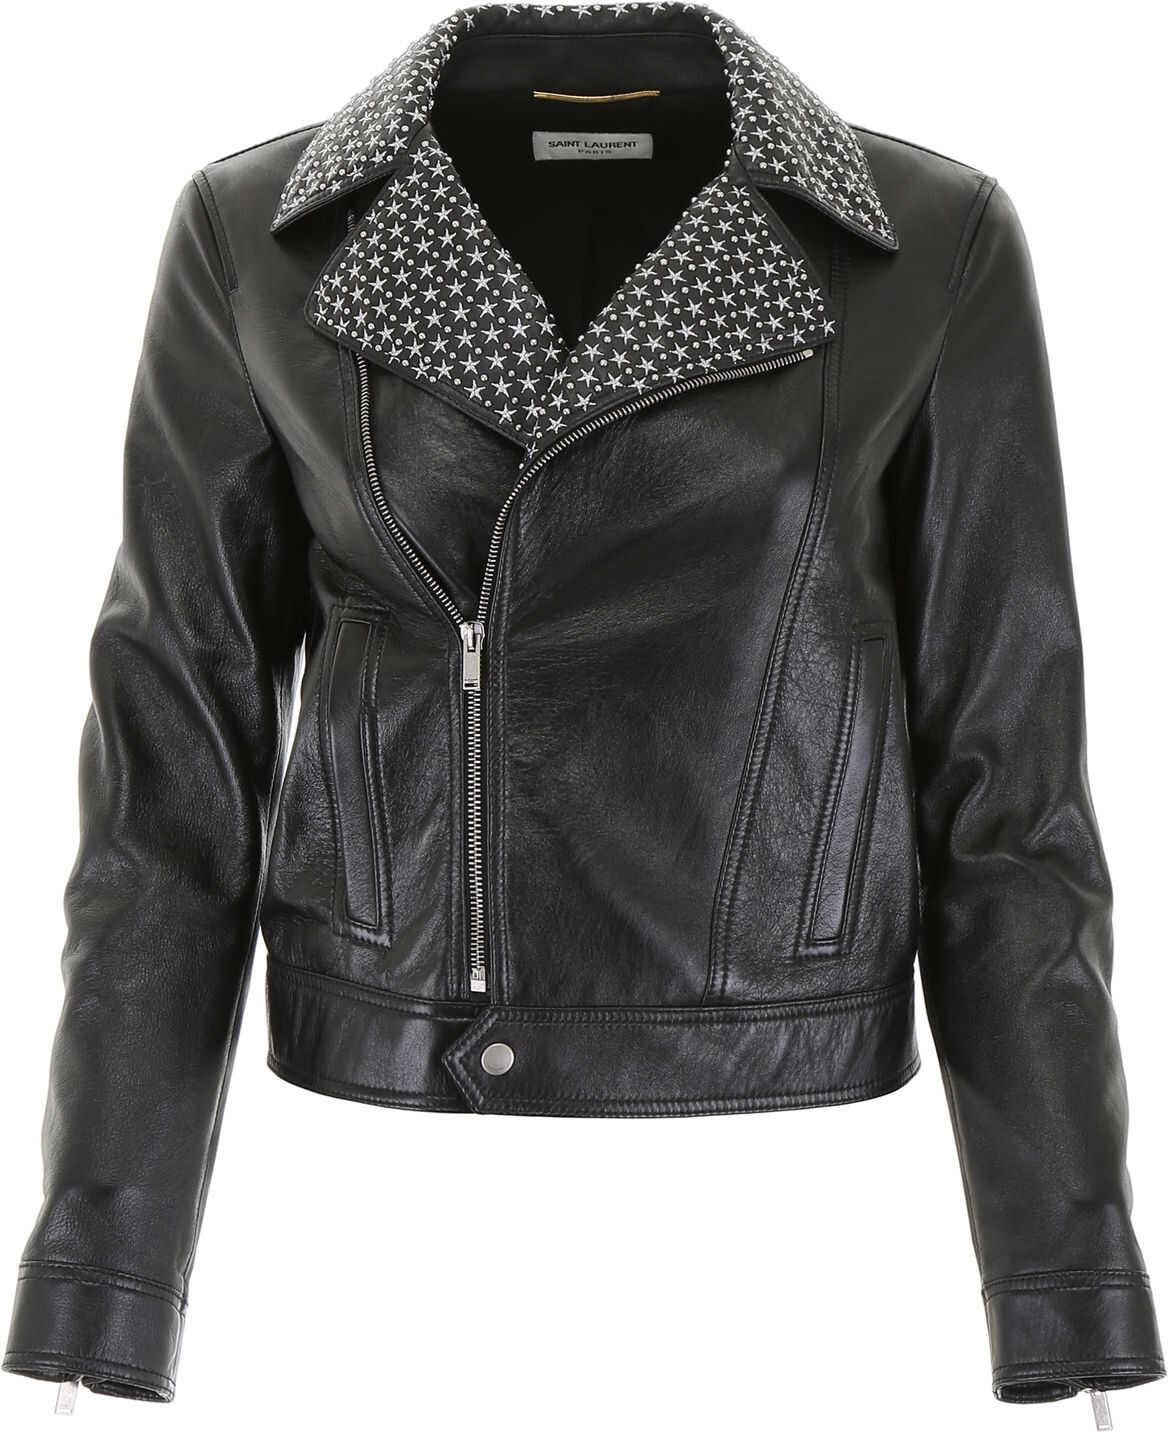 Saint Laurent Leather Jacket NOIR ARGENT